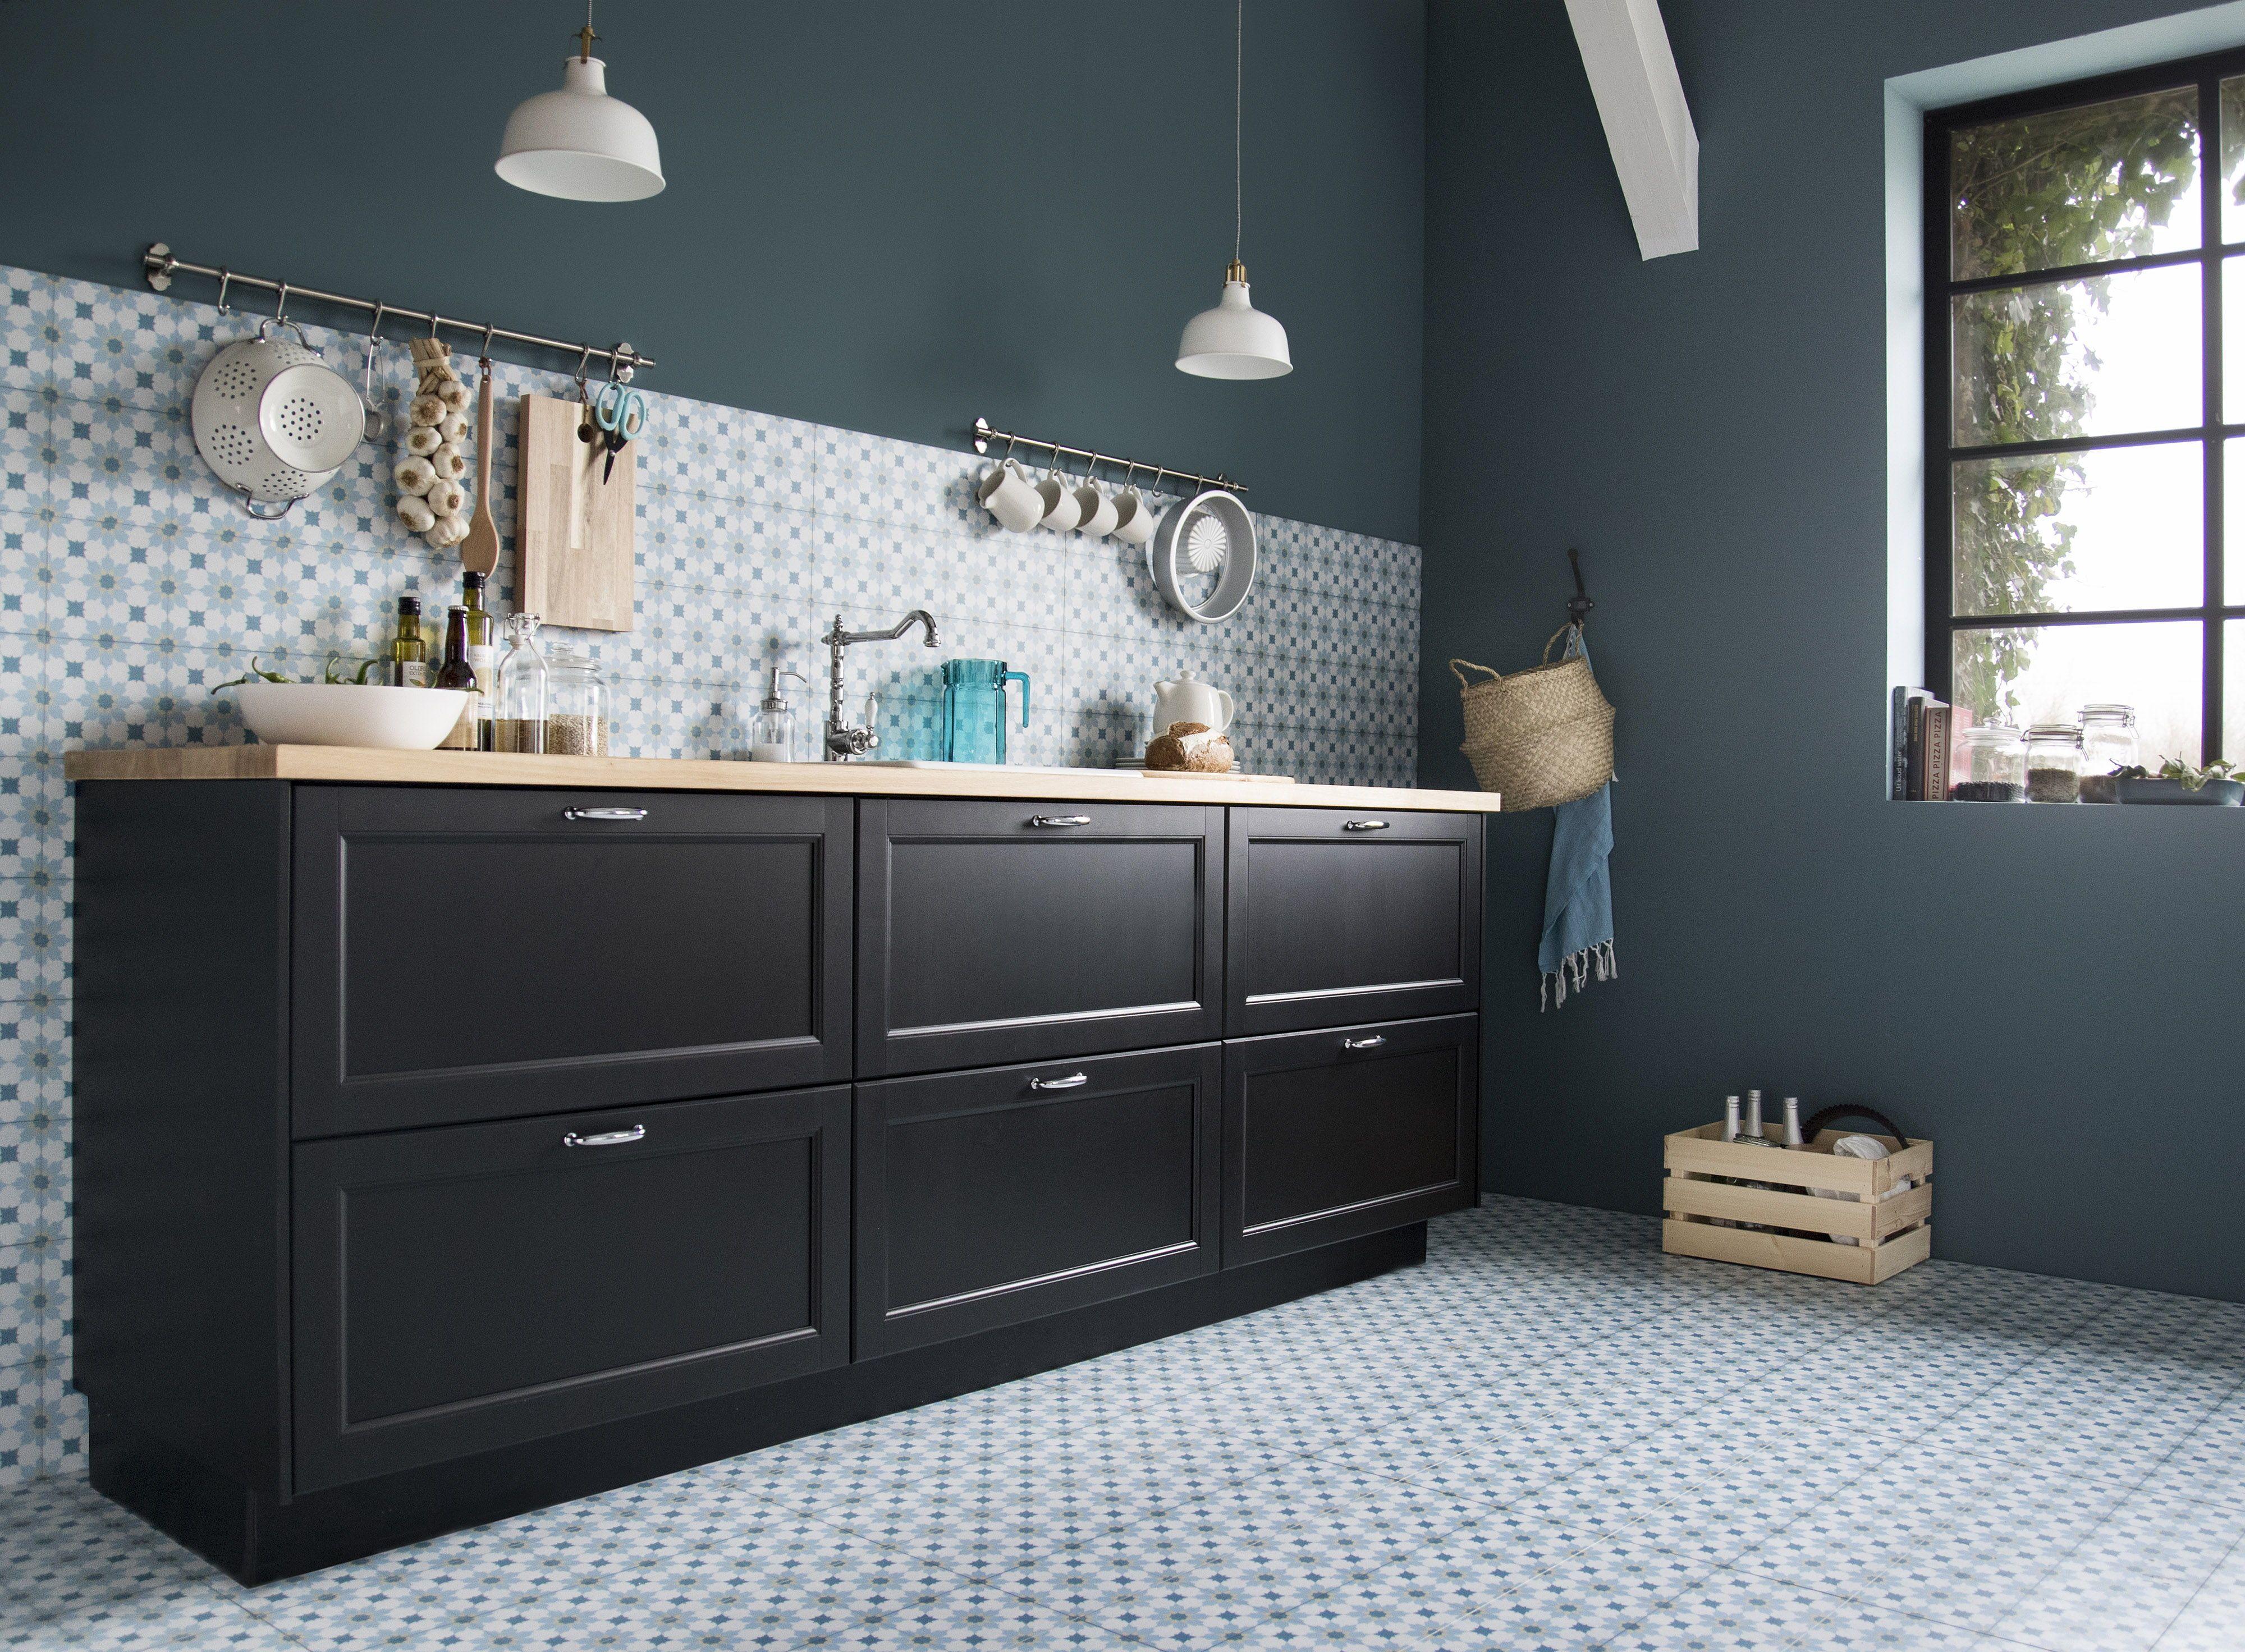 Blauw Keuken Ikea : Lerhyttan deur zwart gelazuurd eldhus ikea